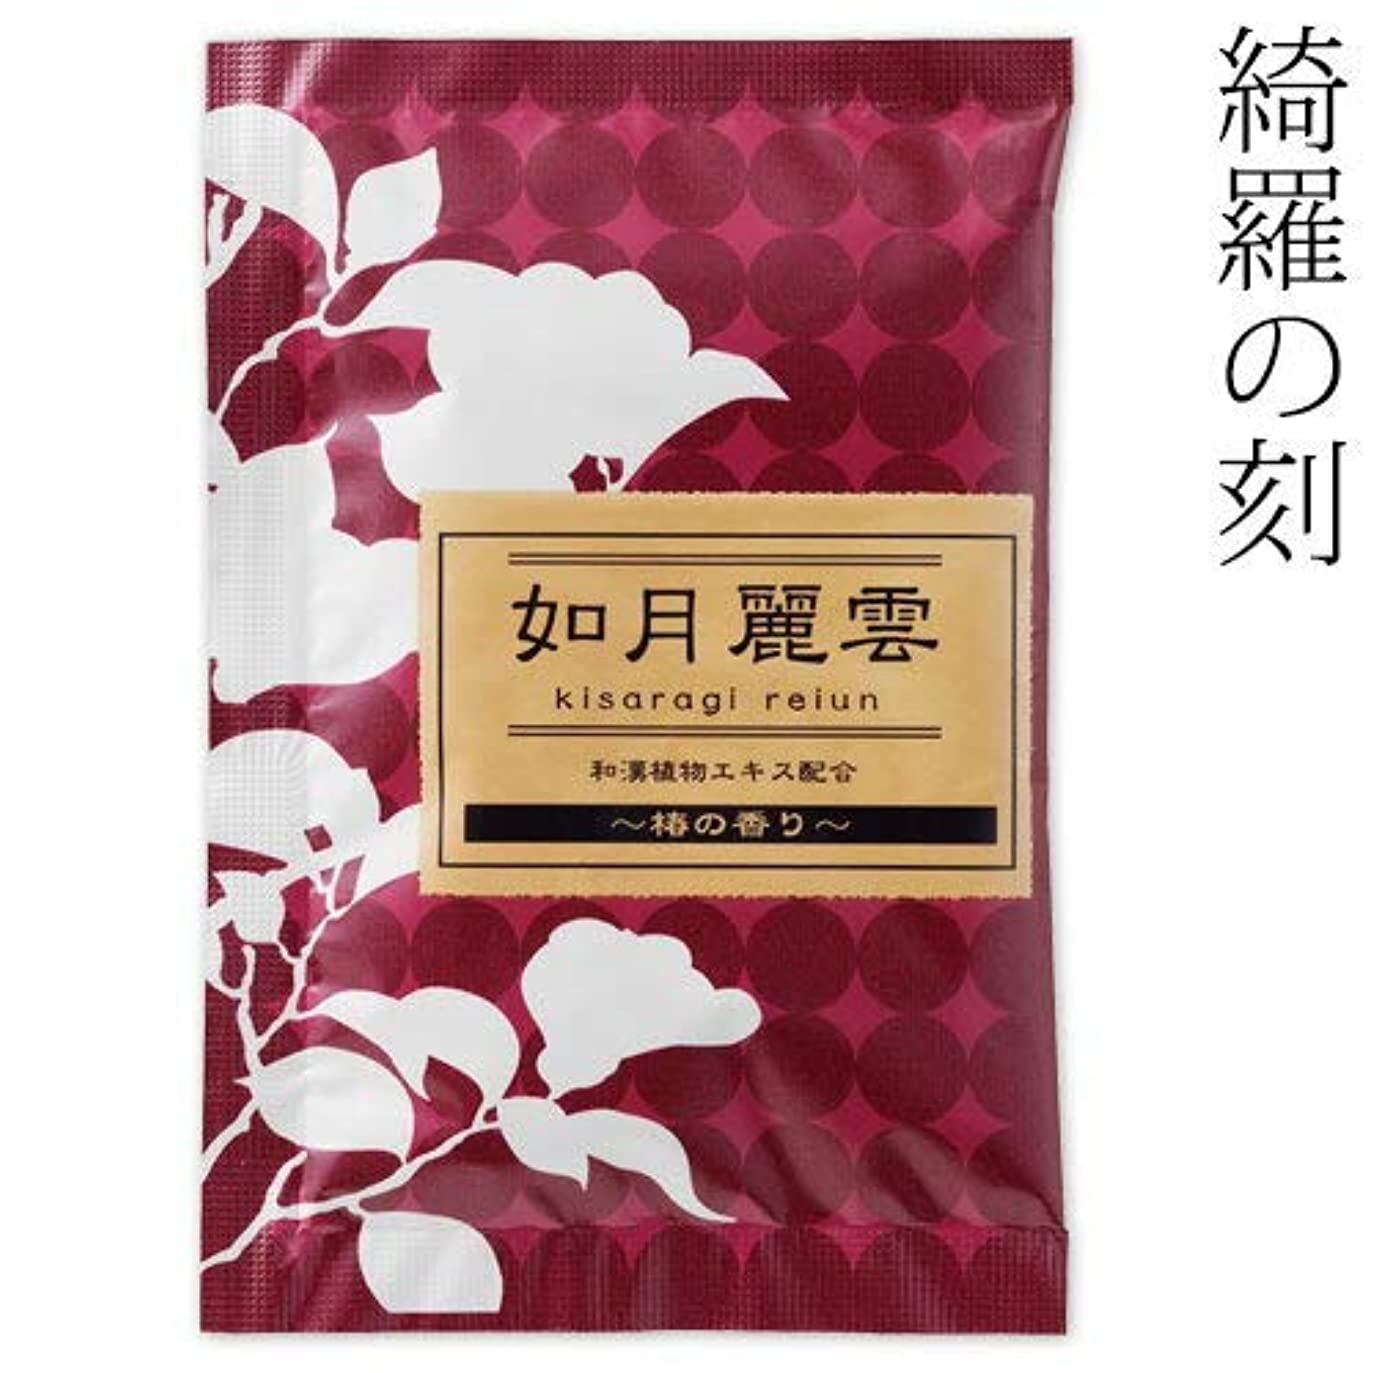 入浴剤綺羅の刻椿の香り如月麗雲1包石川県のお風呂グッズBath additive, Ishikawa craft